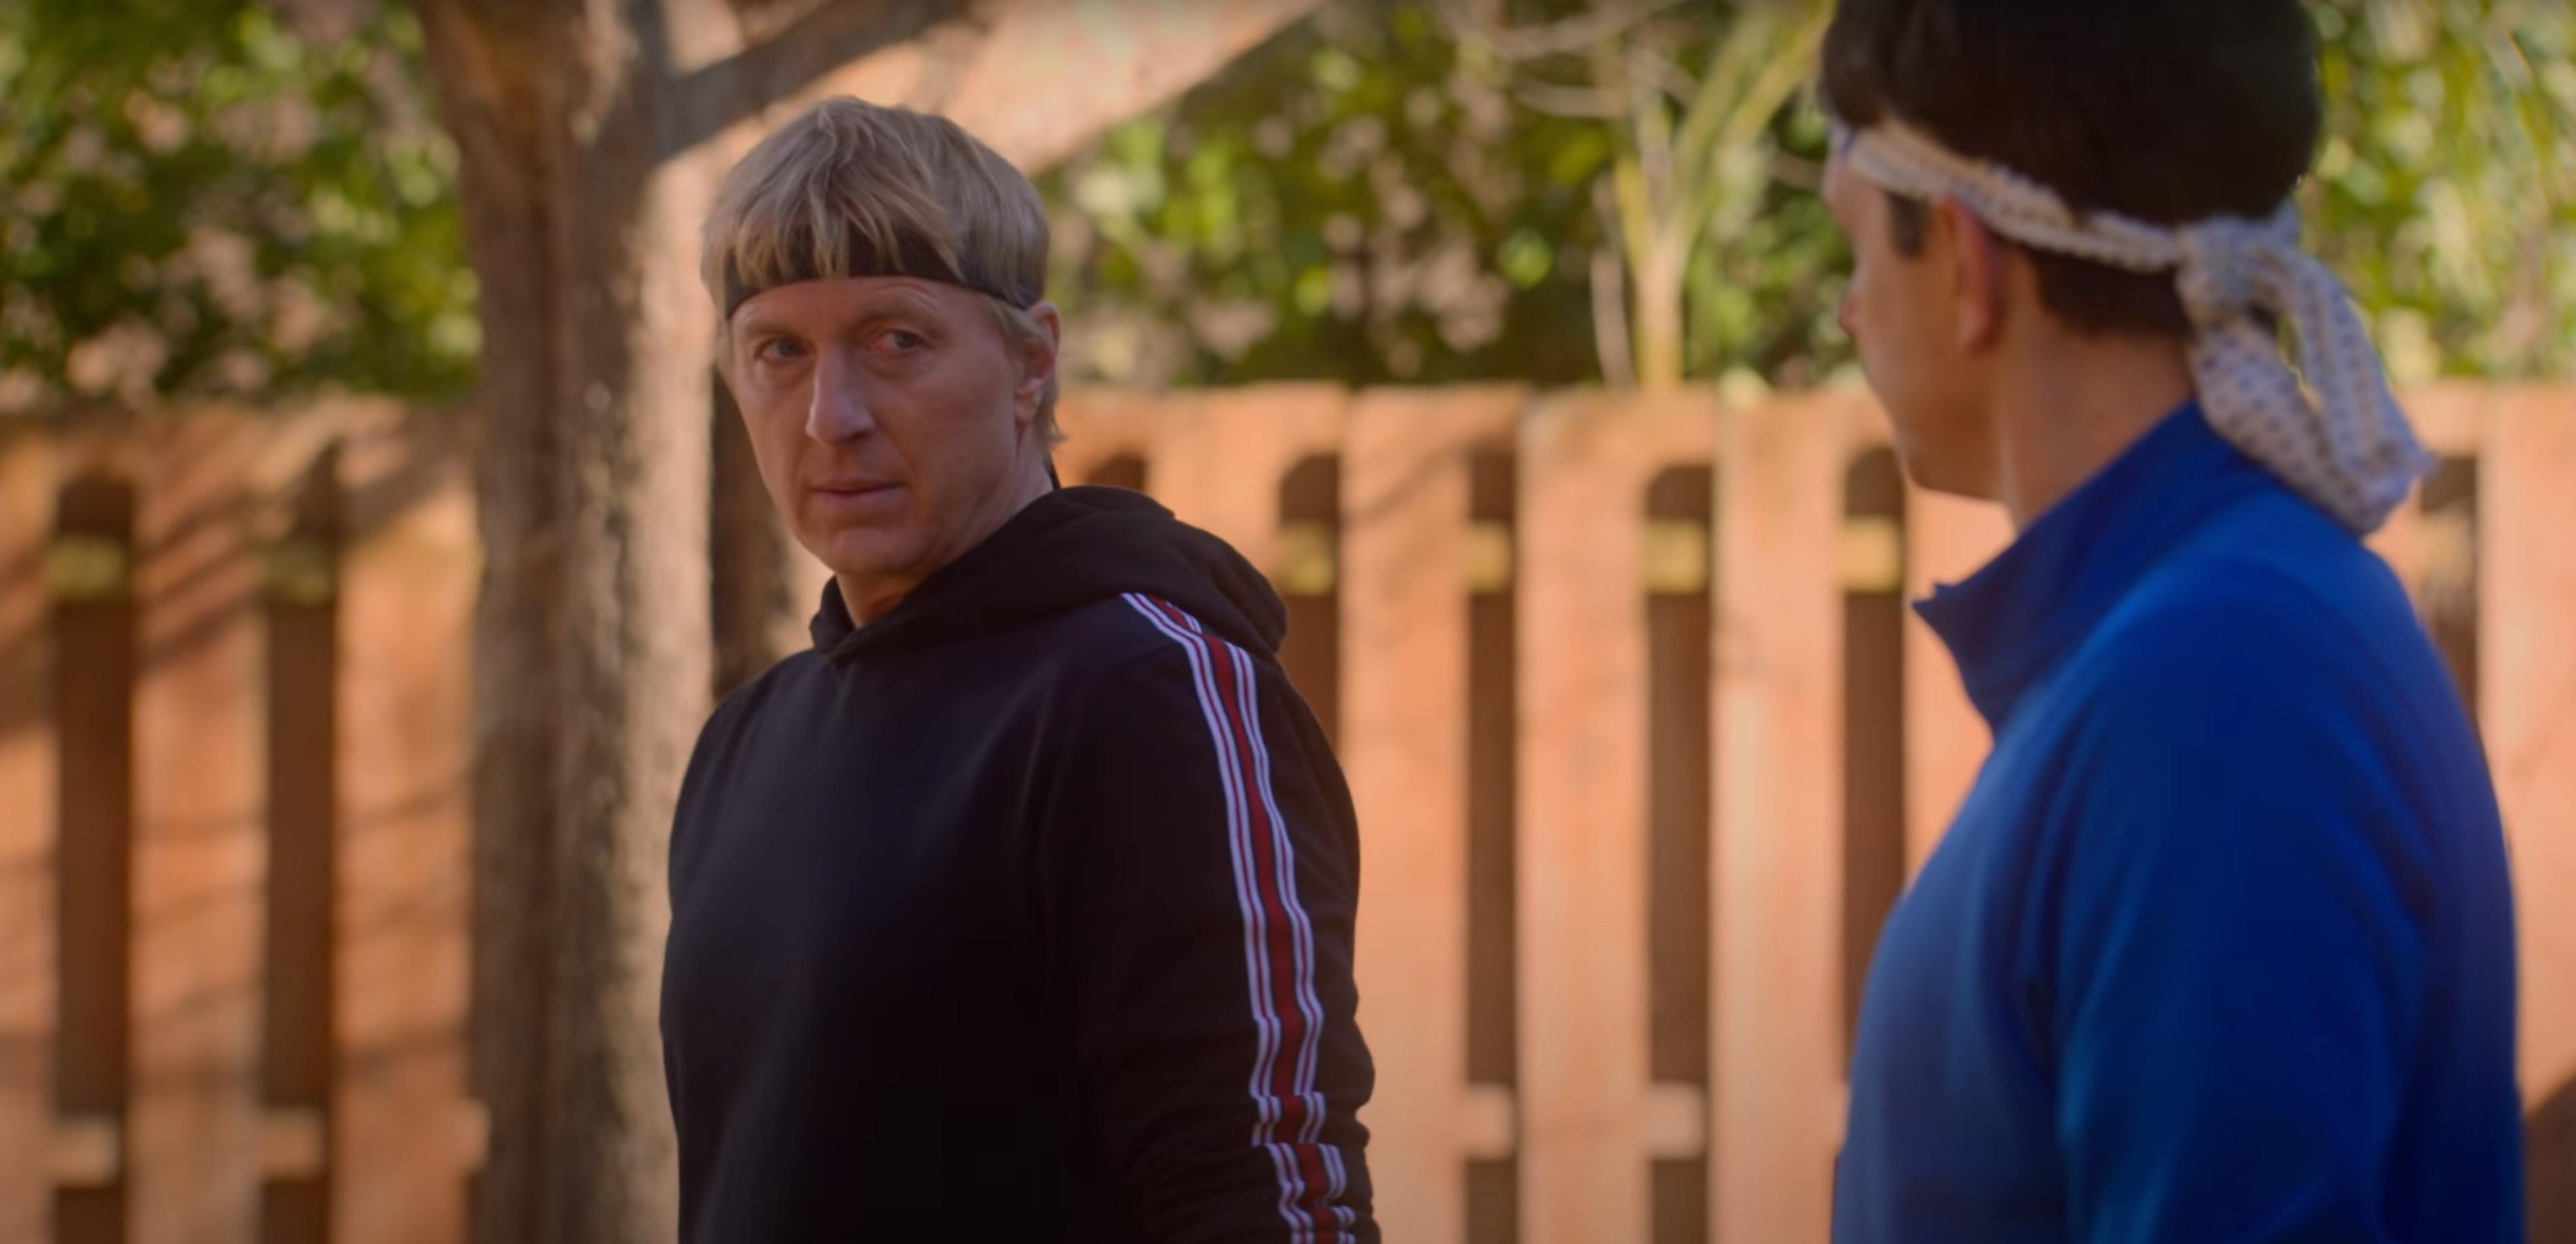 Daniel and Johnny from Netflix's Cobra Kai season 4